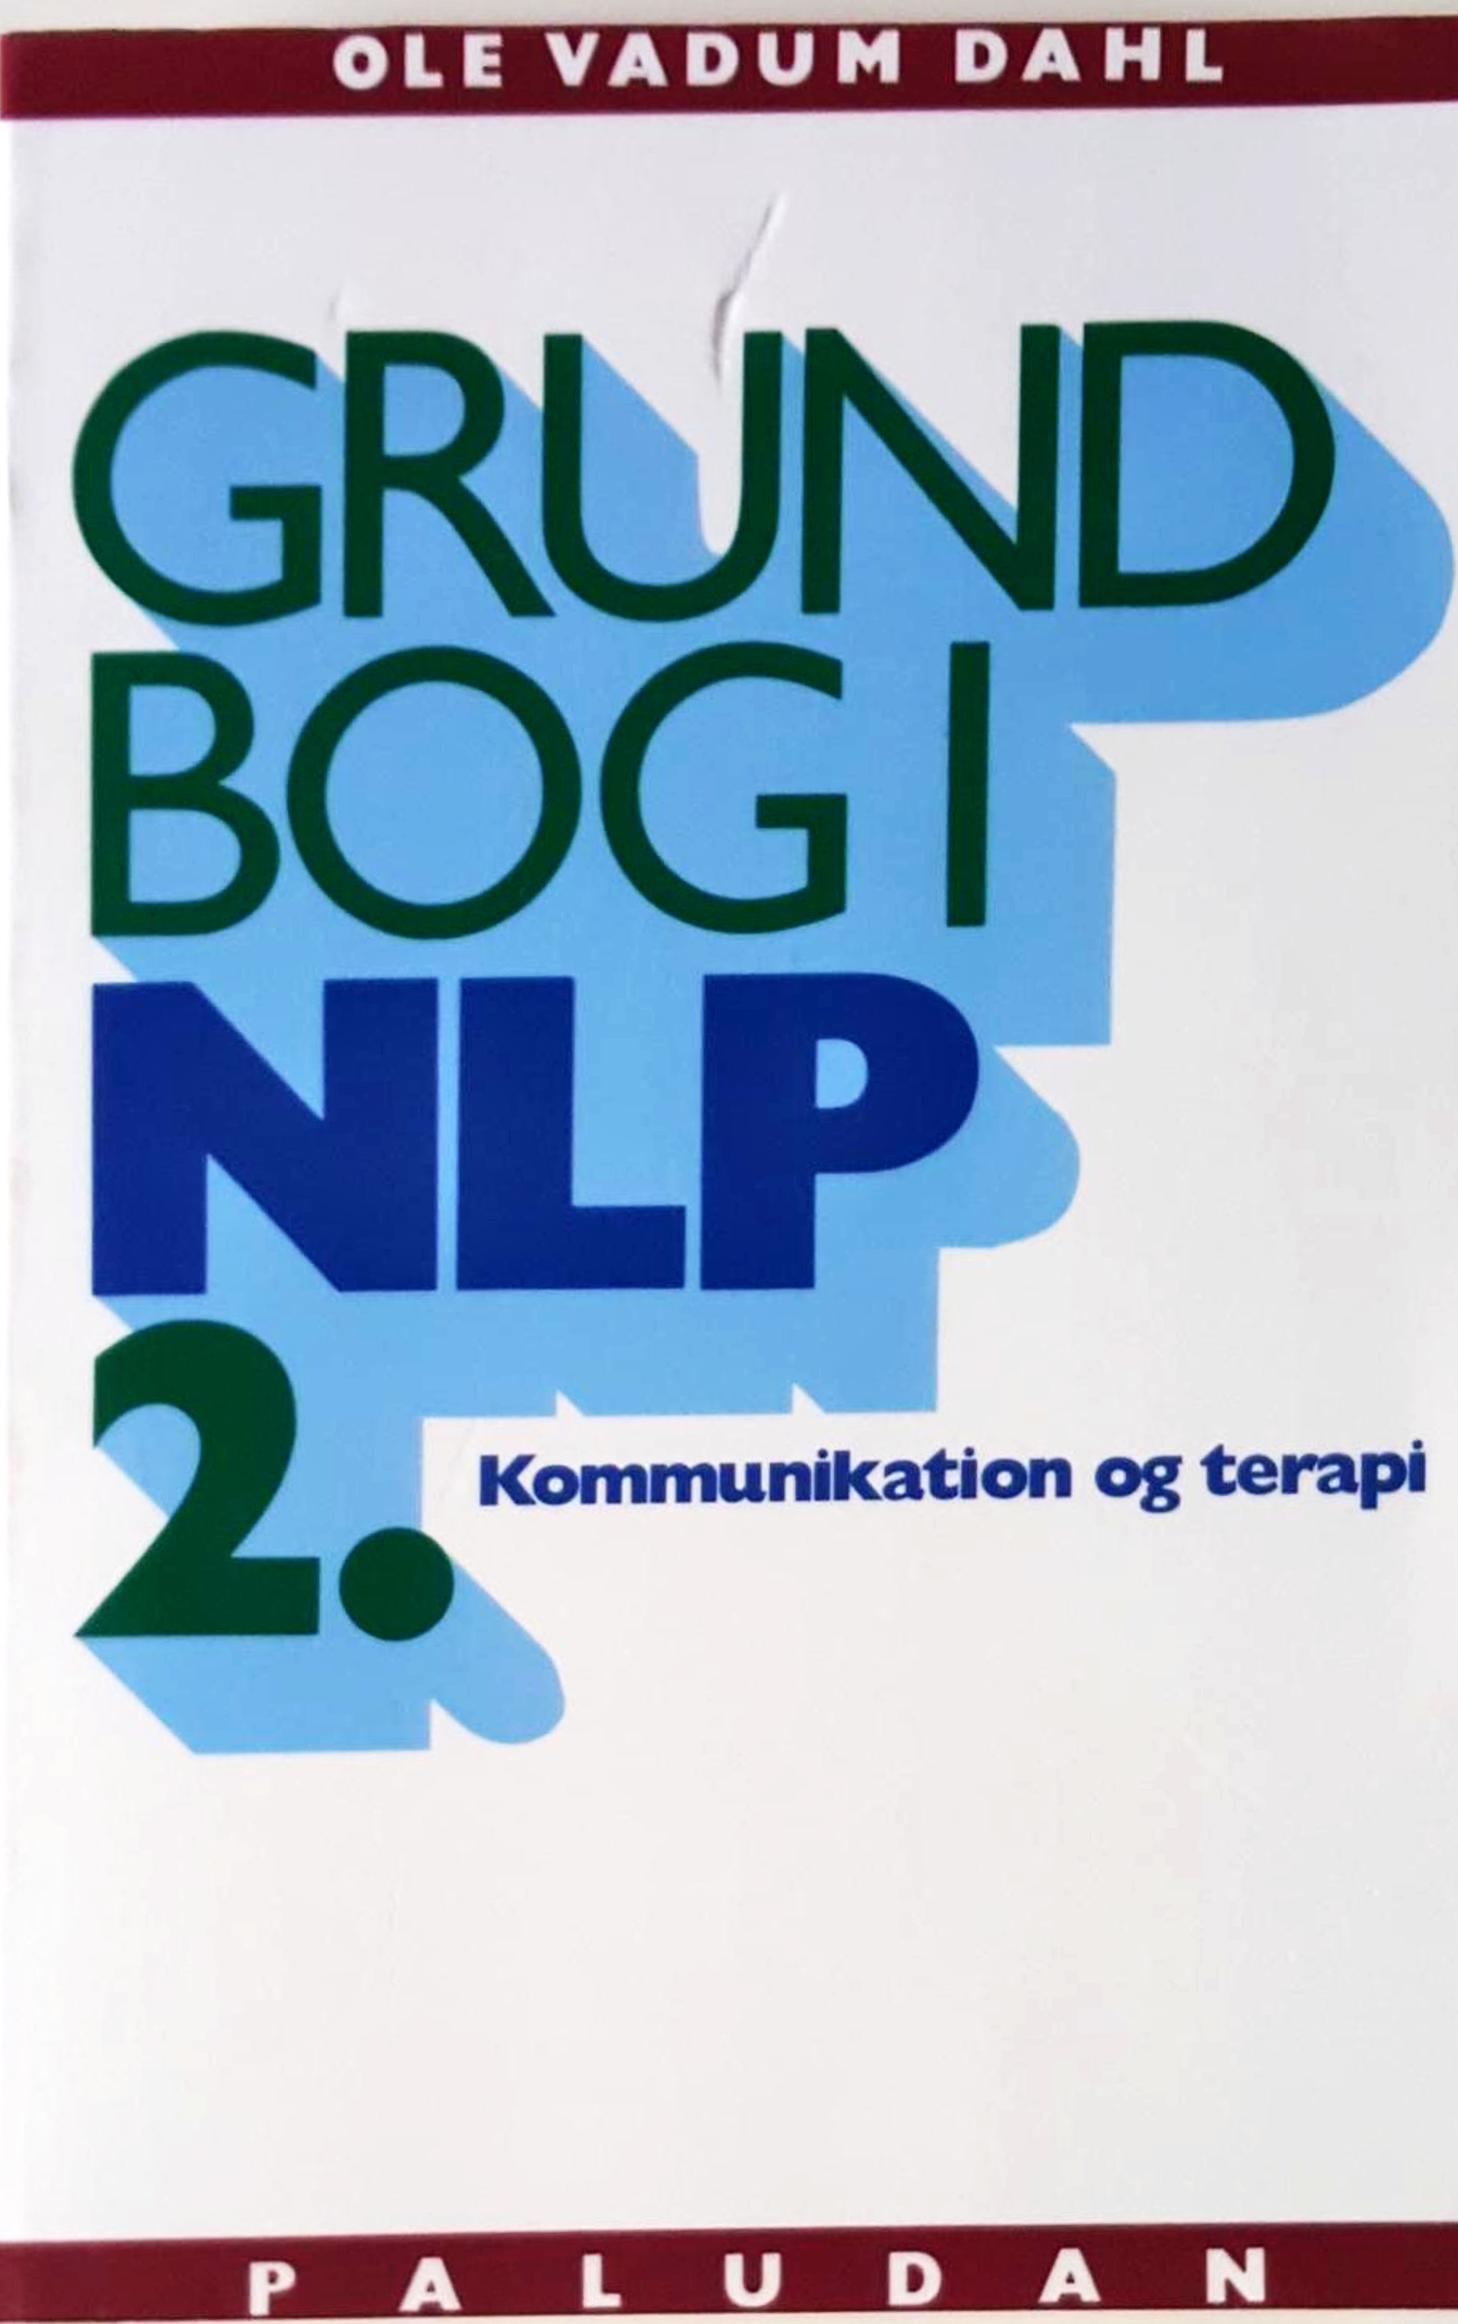 Grundbog i NLP kommunikation og terapi (bind 2: Personligheden i udvikling) Book Cover